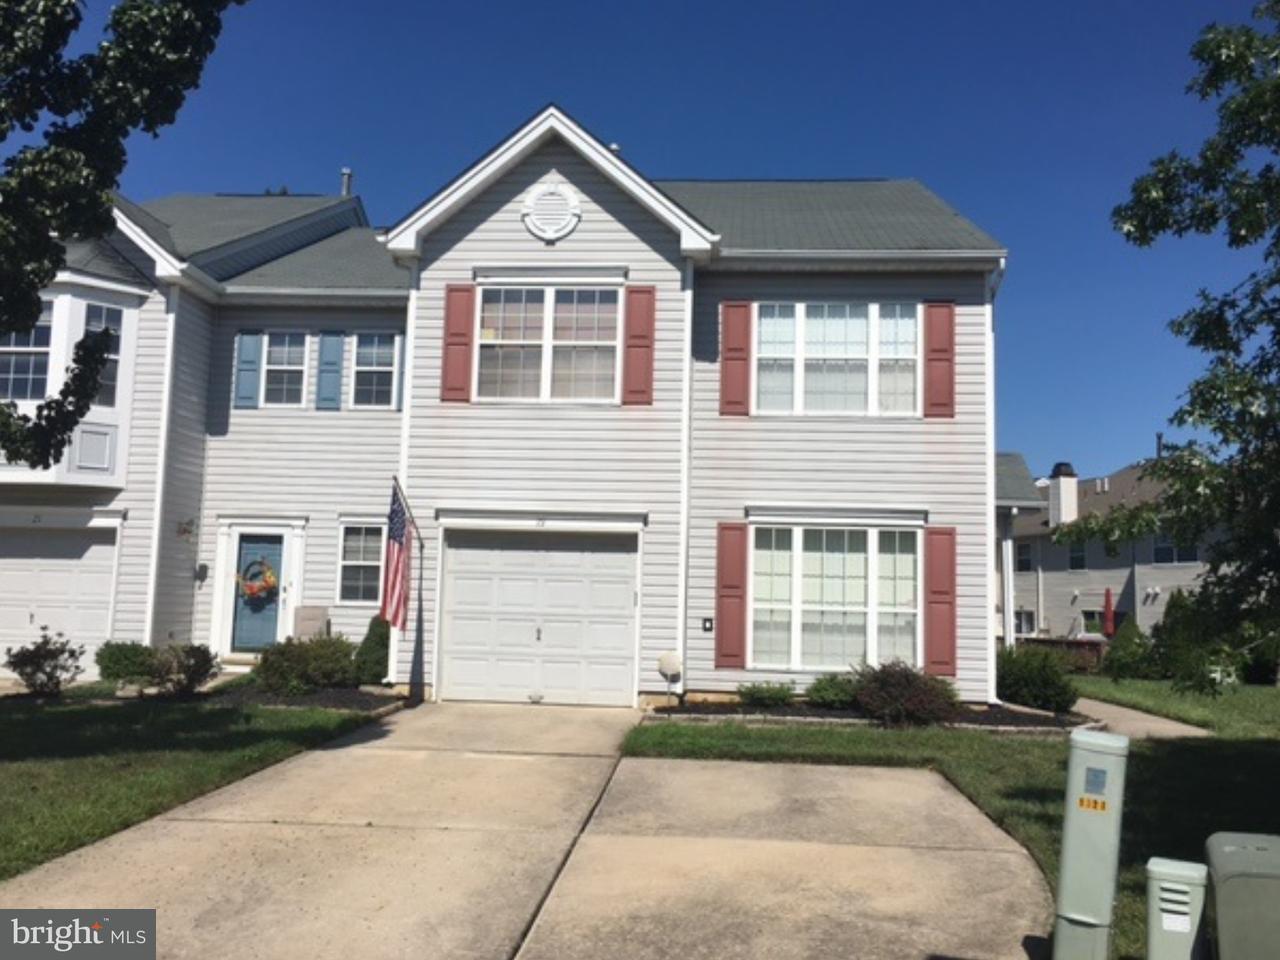 Casa unifamiliar adosada (Townhouse) por un Venta en 19 VALLEYBROOK Court Blackwood, Nueva Jersey 08012 Estados Unidos